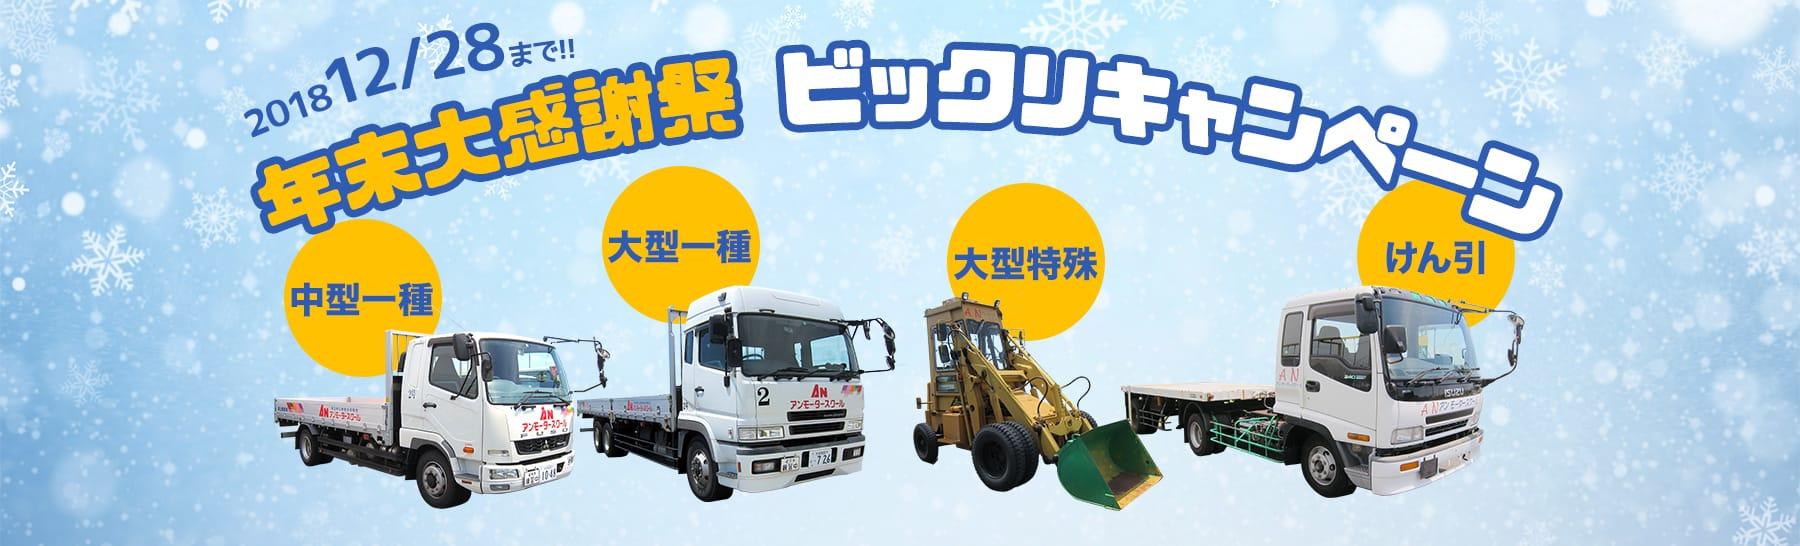 中型一種・大型一種・大型特殊・けん引が安い!! 12/28まで!